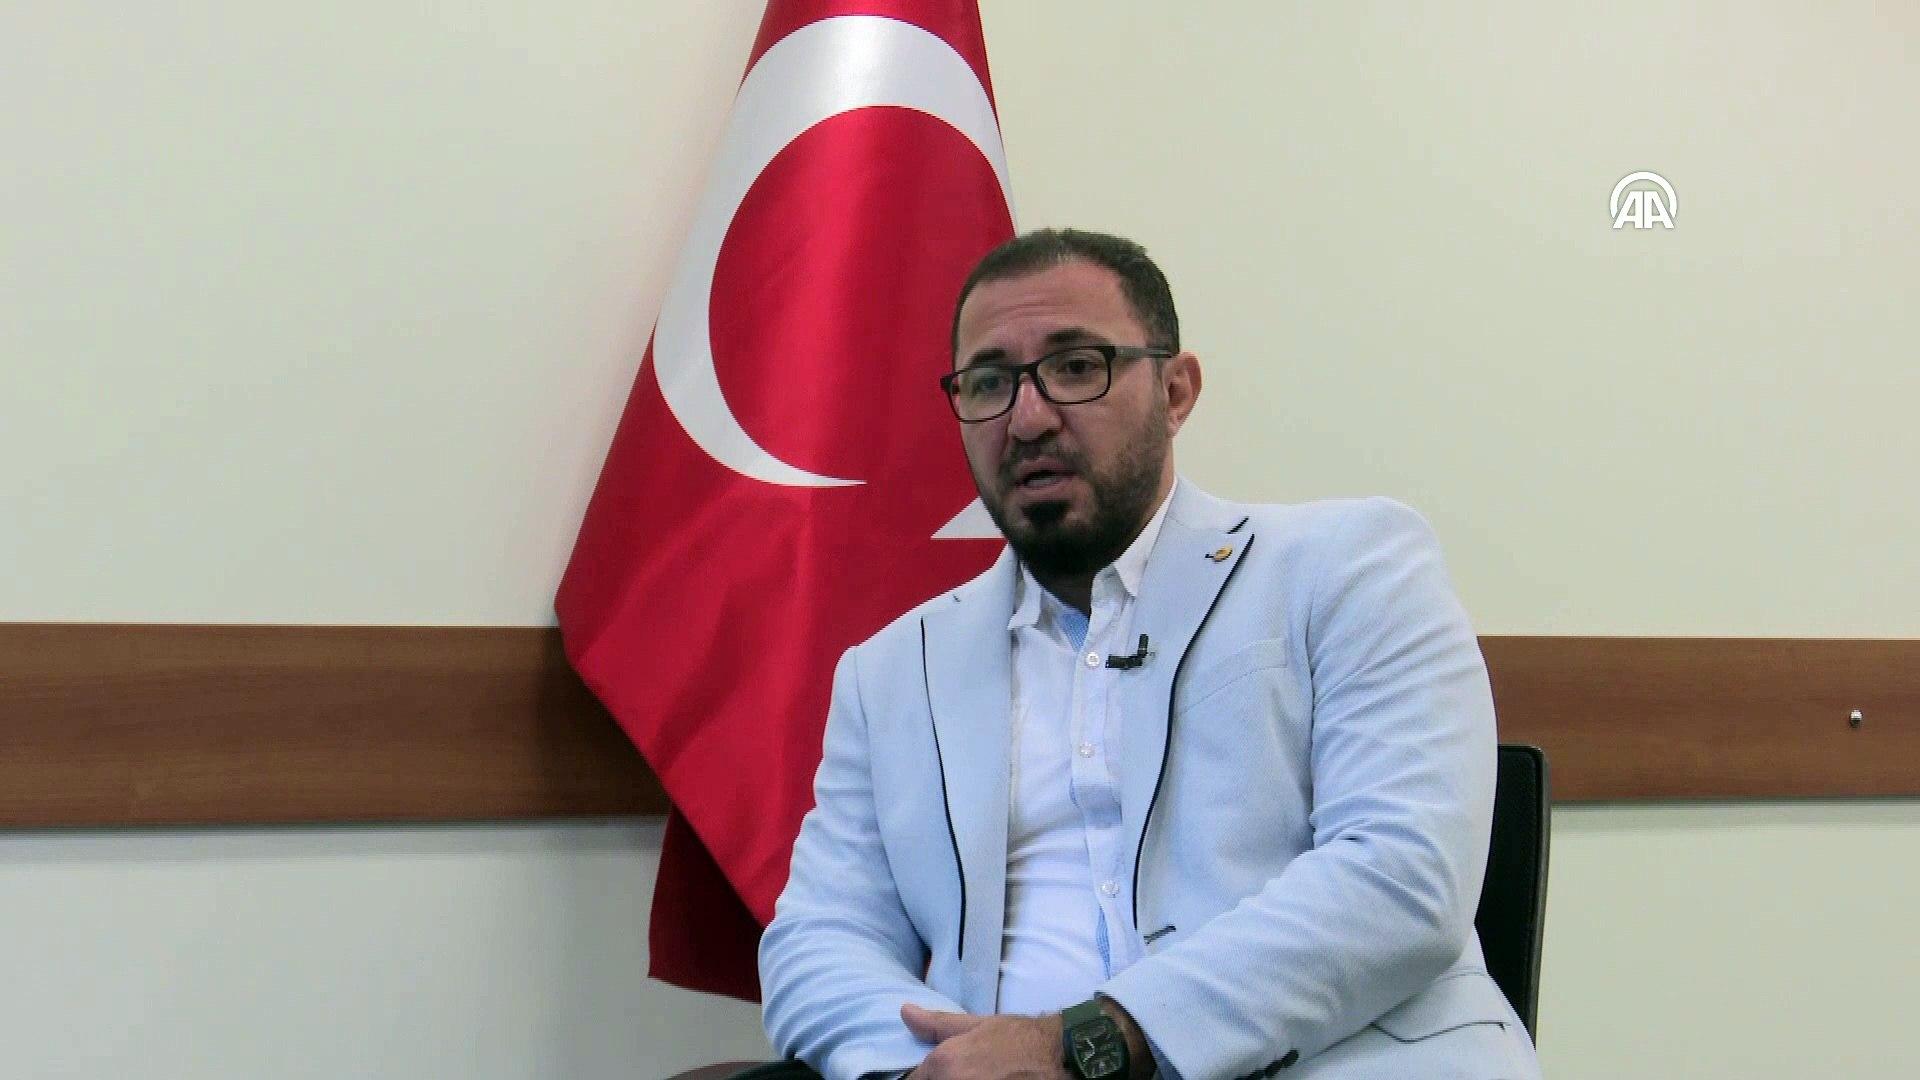 'Eğer vatanın zarar ediyorsa elindeki doların ne faydası var' - İSTANBUL